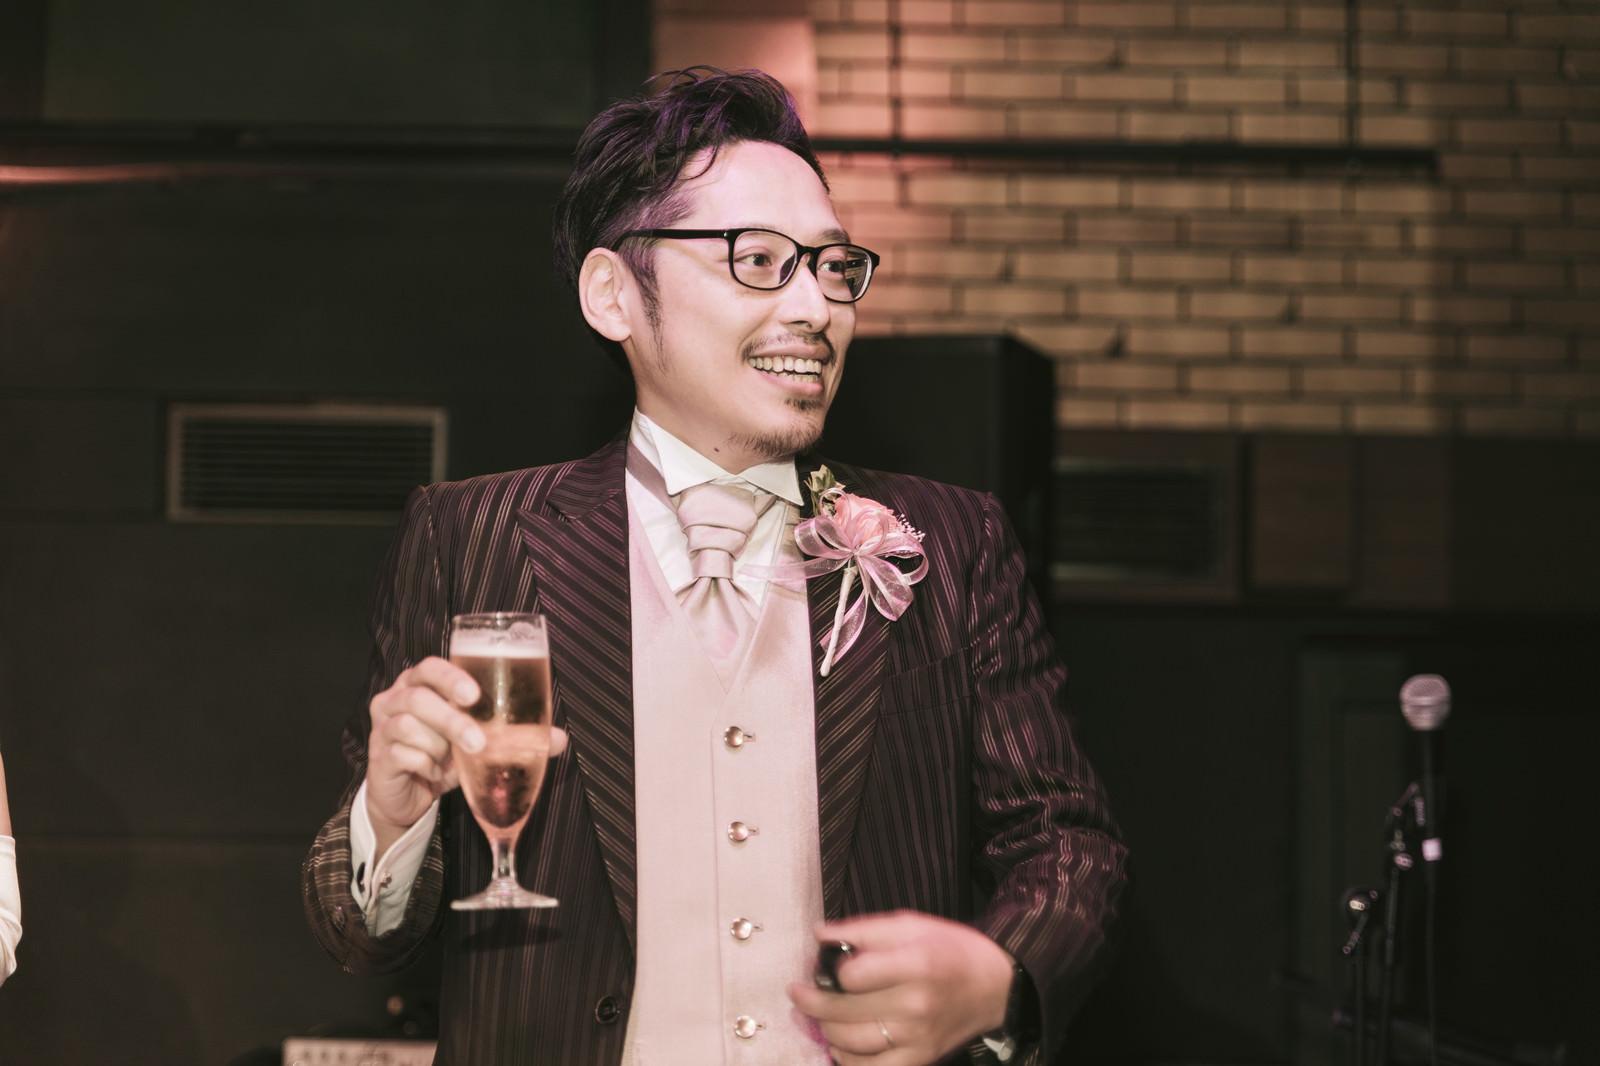 「乾杯の挨拶でグラスを持つ新郎 | 写真の無料素材・フリー素材 - ぱくたそ」の写真[モデル:ゆうせい]